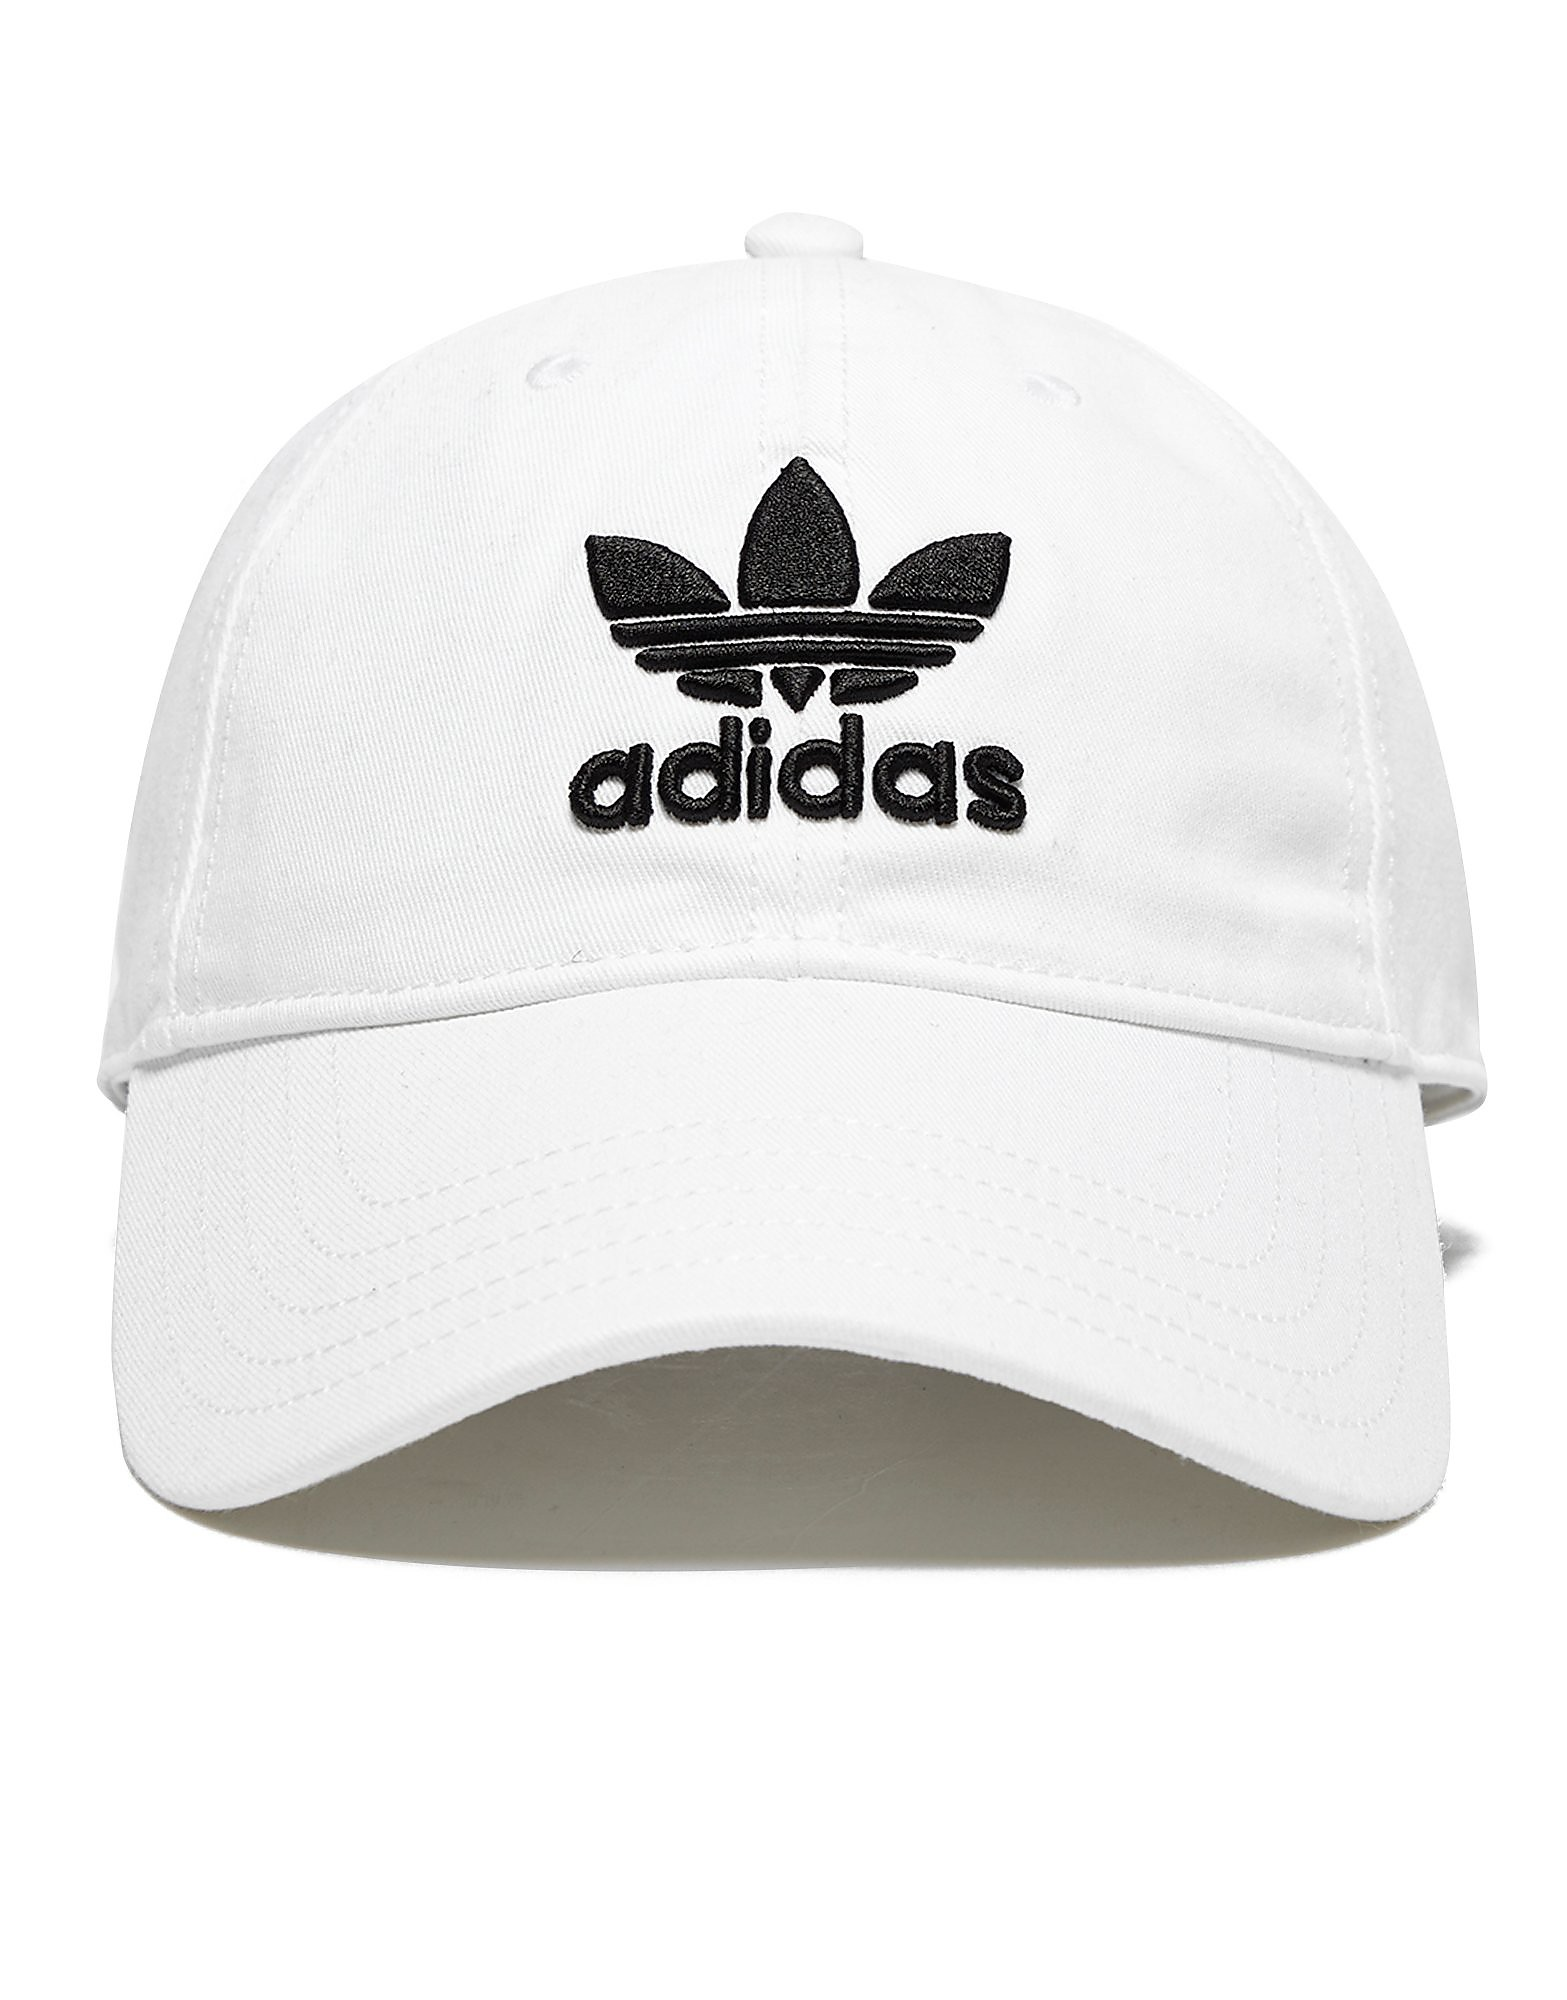 adidas Originals gorra Trefoil